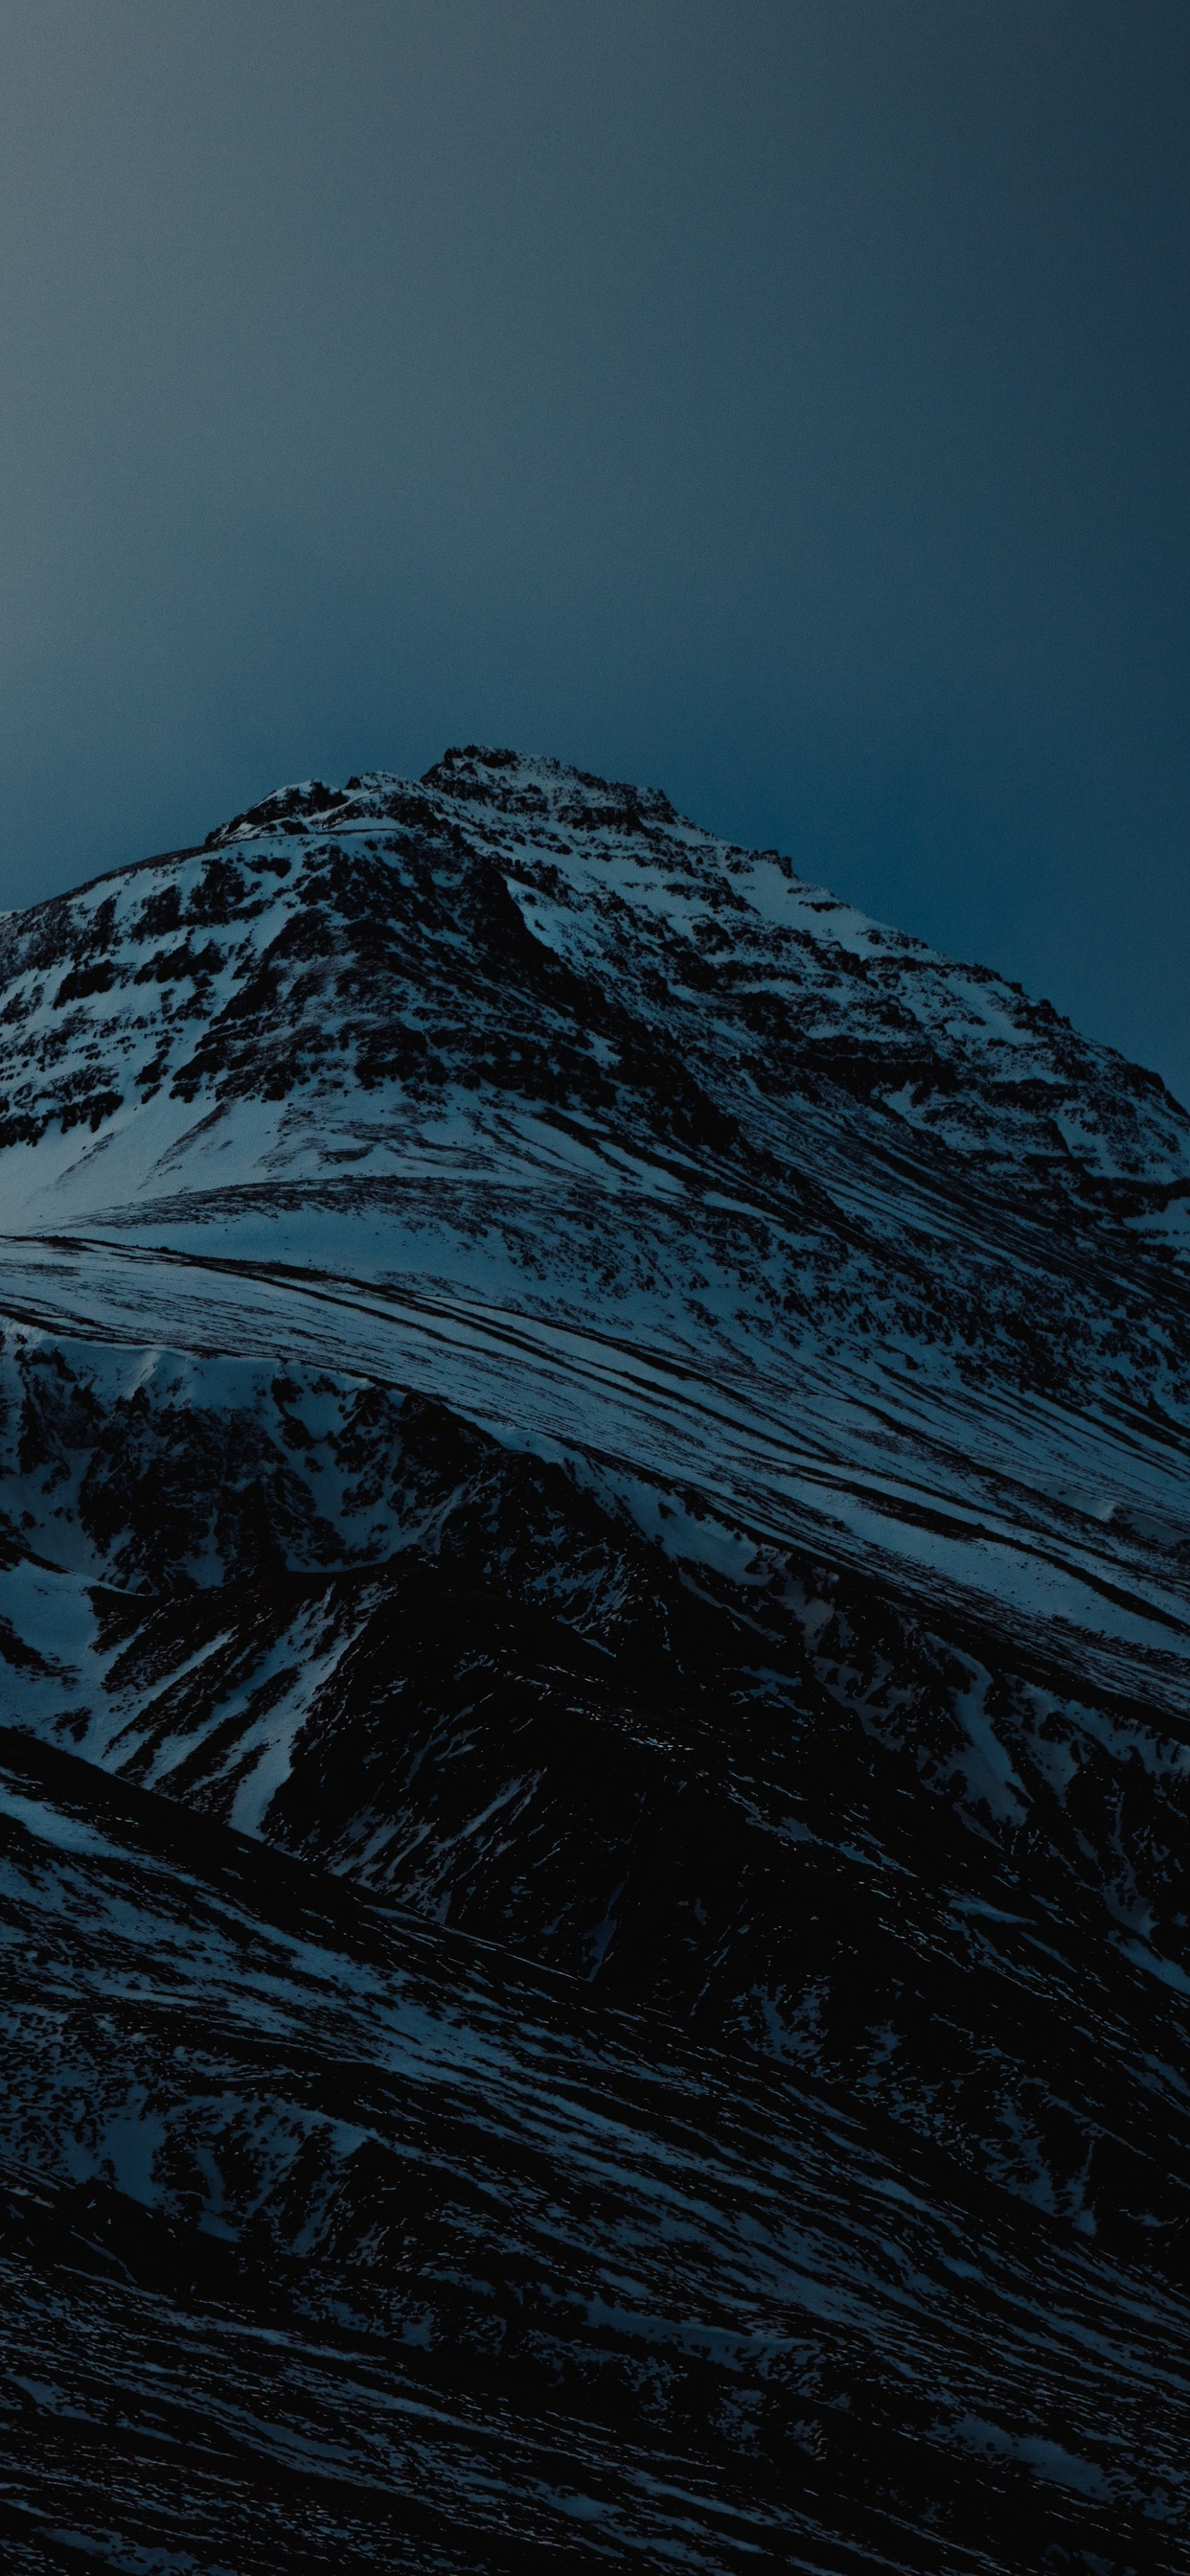 snowy-winter-mountains-5k-vw.jpg